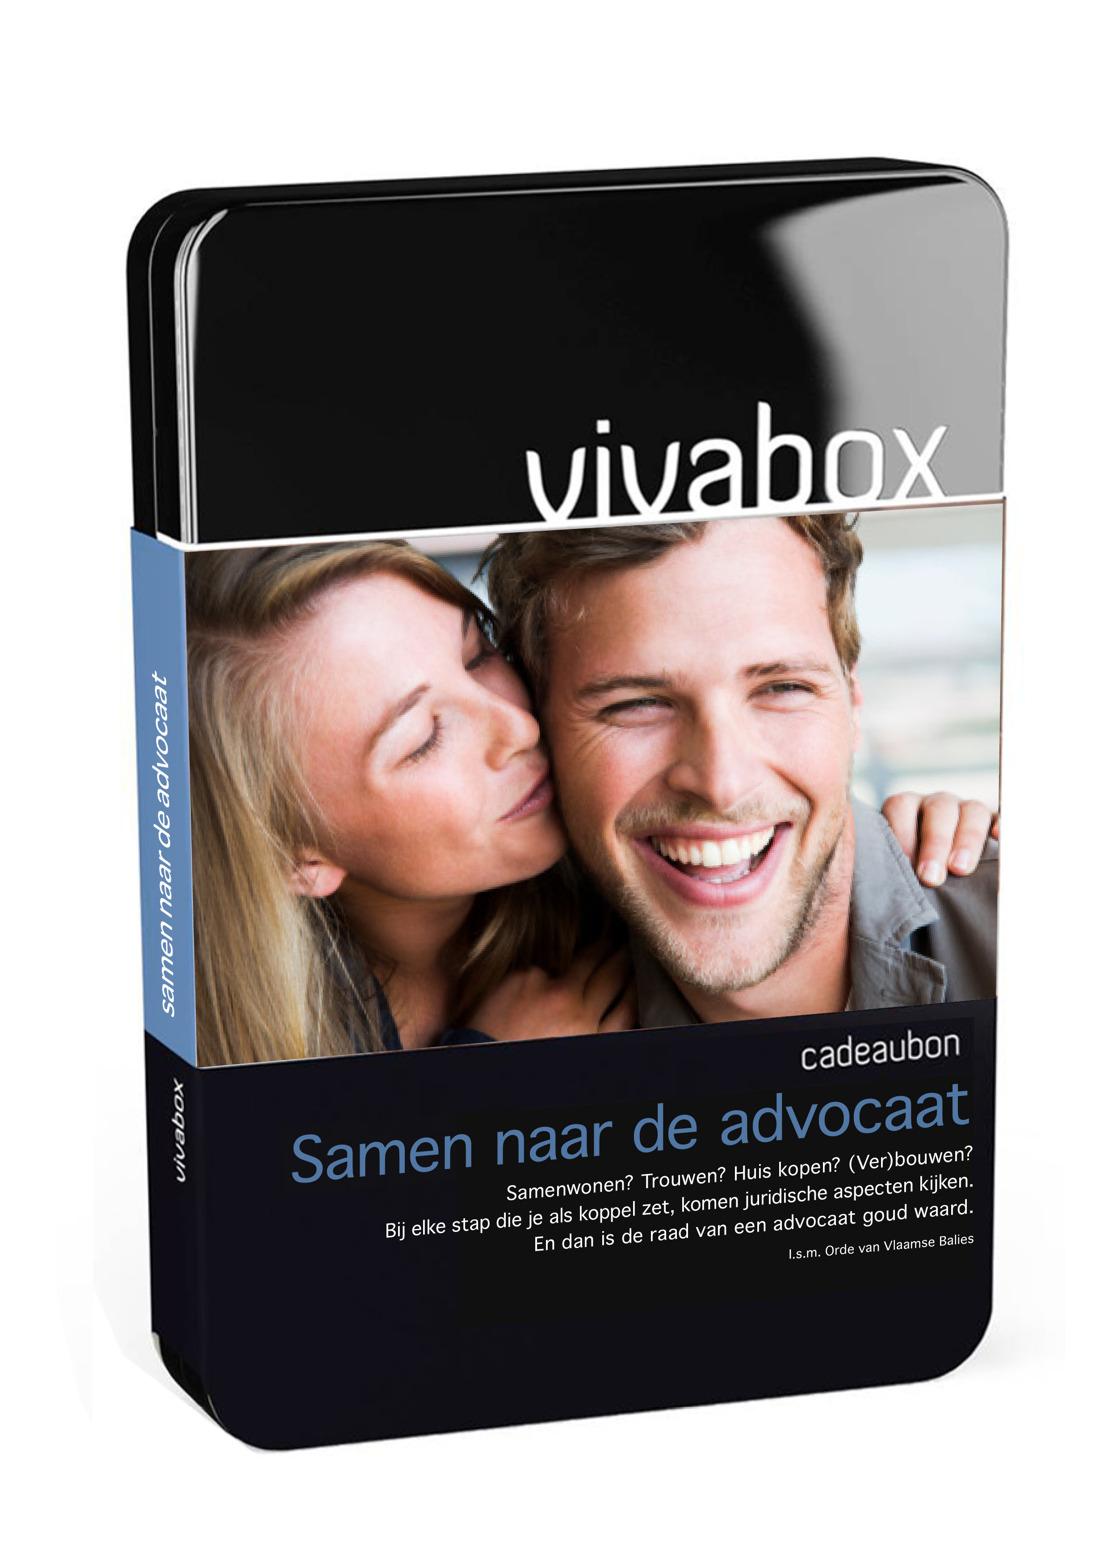 Famous lance un nouveau coffret Vivabox pour Orde van Vlaamse Balies : Samen naar de Advokaat